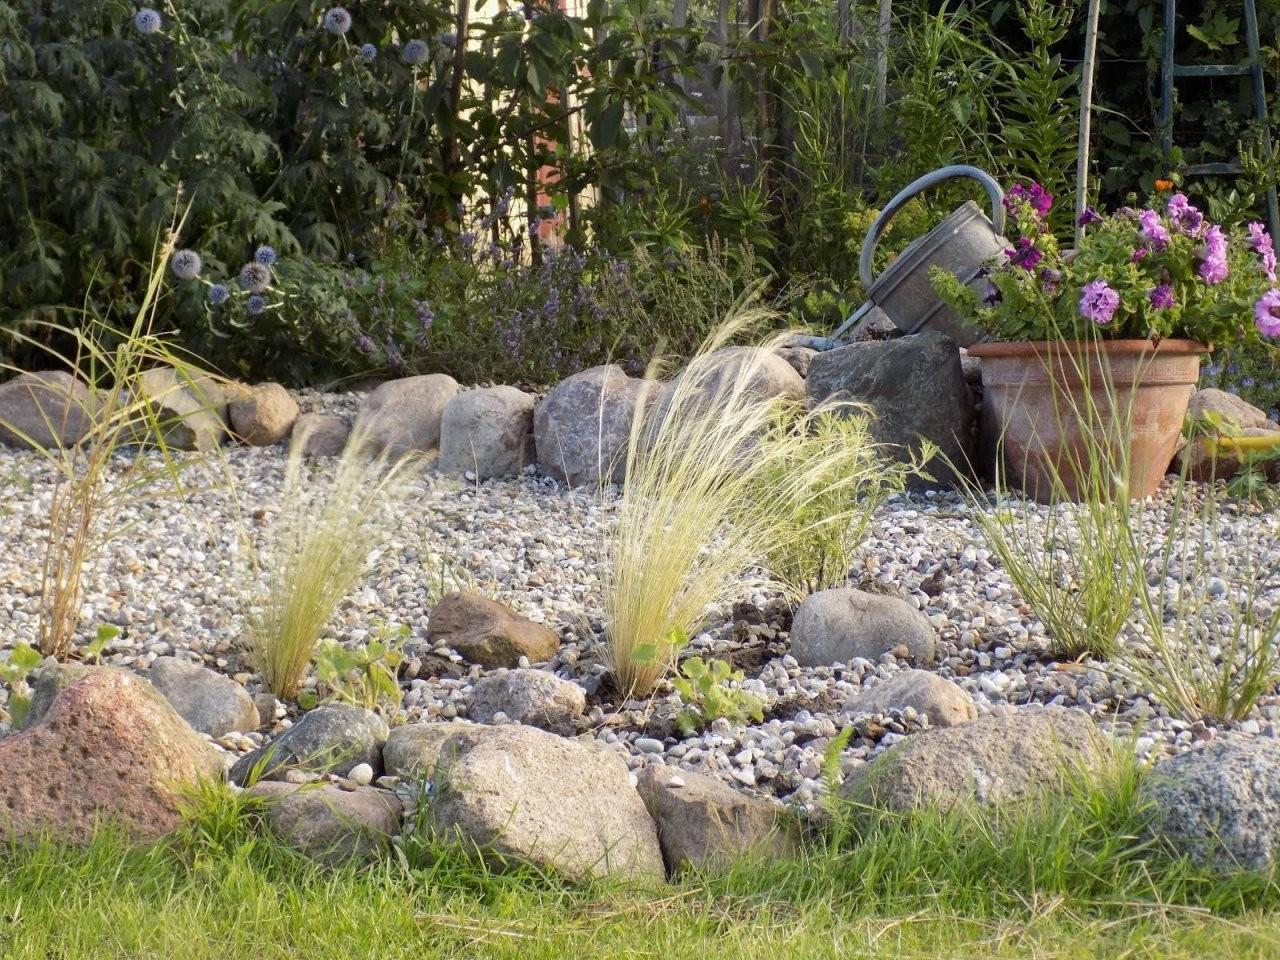 Vorgarten Gestalten Mit Kies Und Grasern Liebenswert Vorgarten von Vorgarten Gestalten Mit Kies Und Gräsern Photo